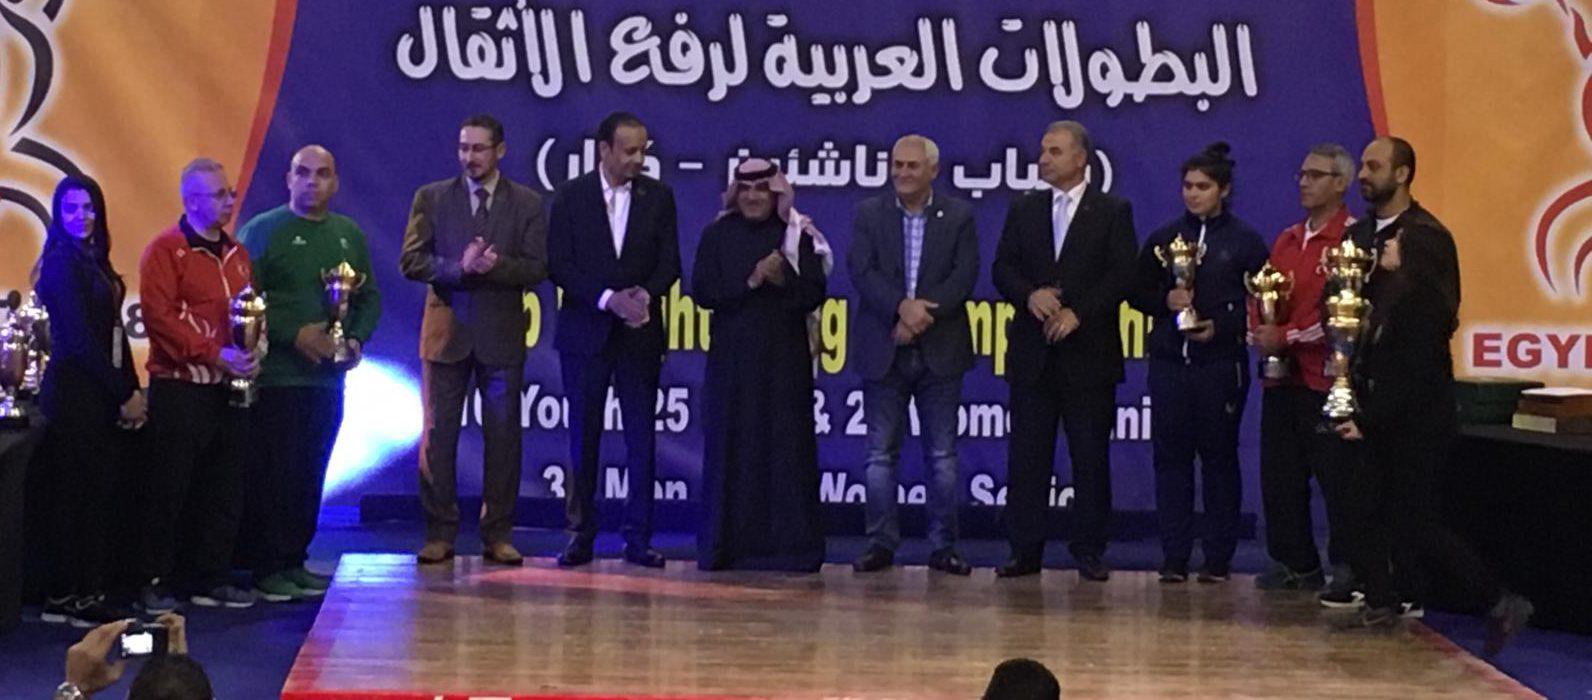 Erkekler takımımız  ikinci , Mısır birinci, Arabistan  üçüncü oldu. Bayan takımımız  İkinci,Mısır birinci, Özbekistan  üçüncü oldu.